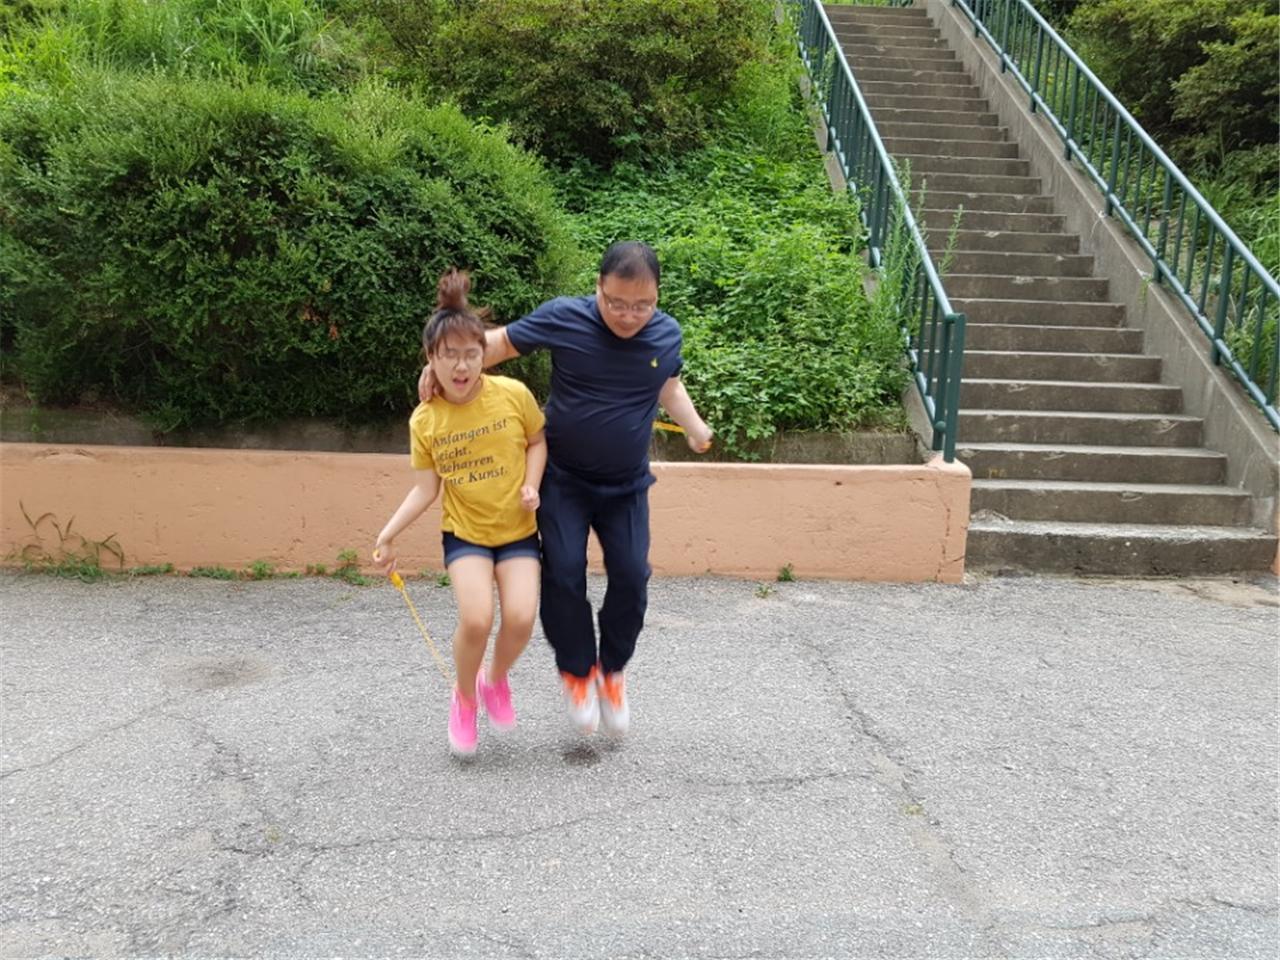 가족형포상제의 신체단련활동으로 줄넘기를 하고 있는 노혜린 양(왼쪽)과 아버지 노일성 씨.